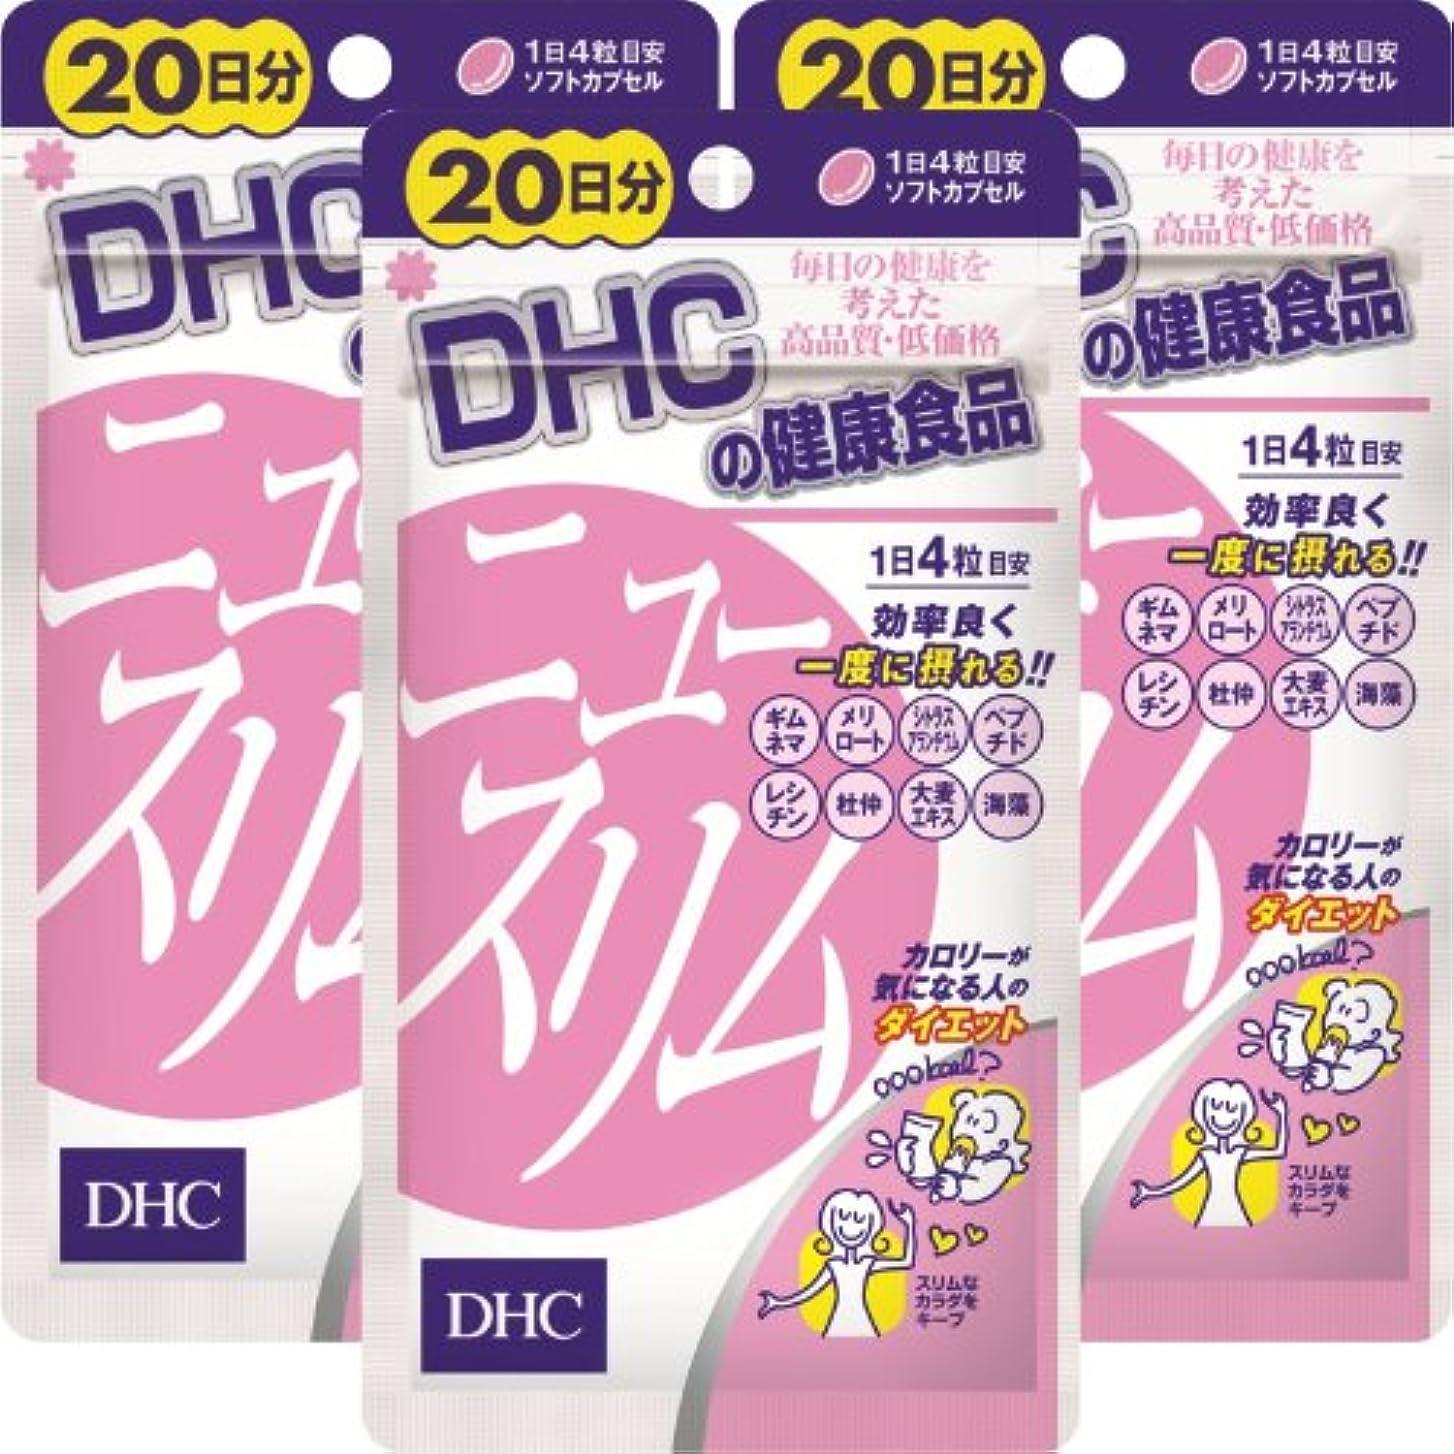 マーケティングブートほこりDHC ニュースリム 20日分(80粒)×3個